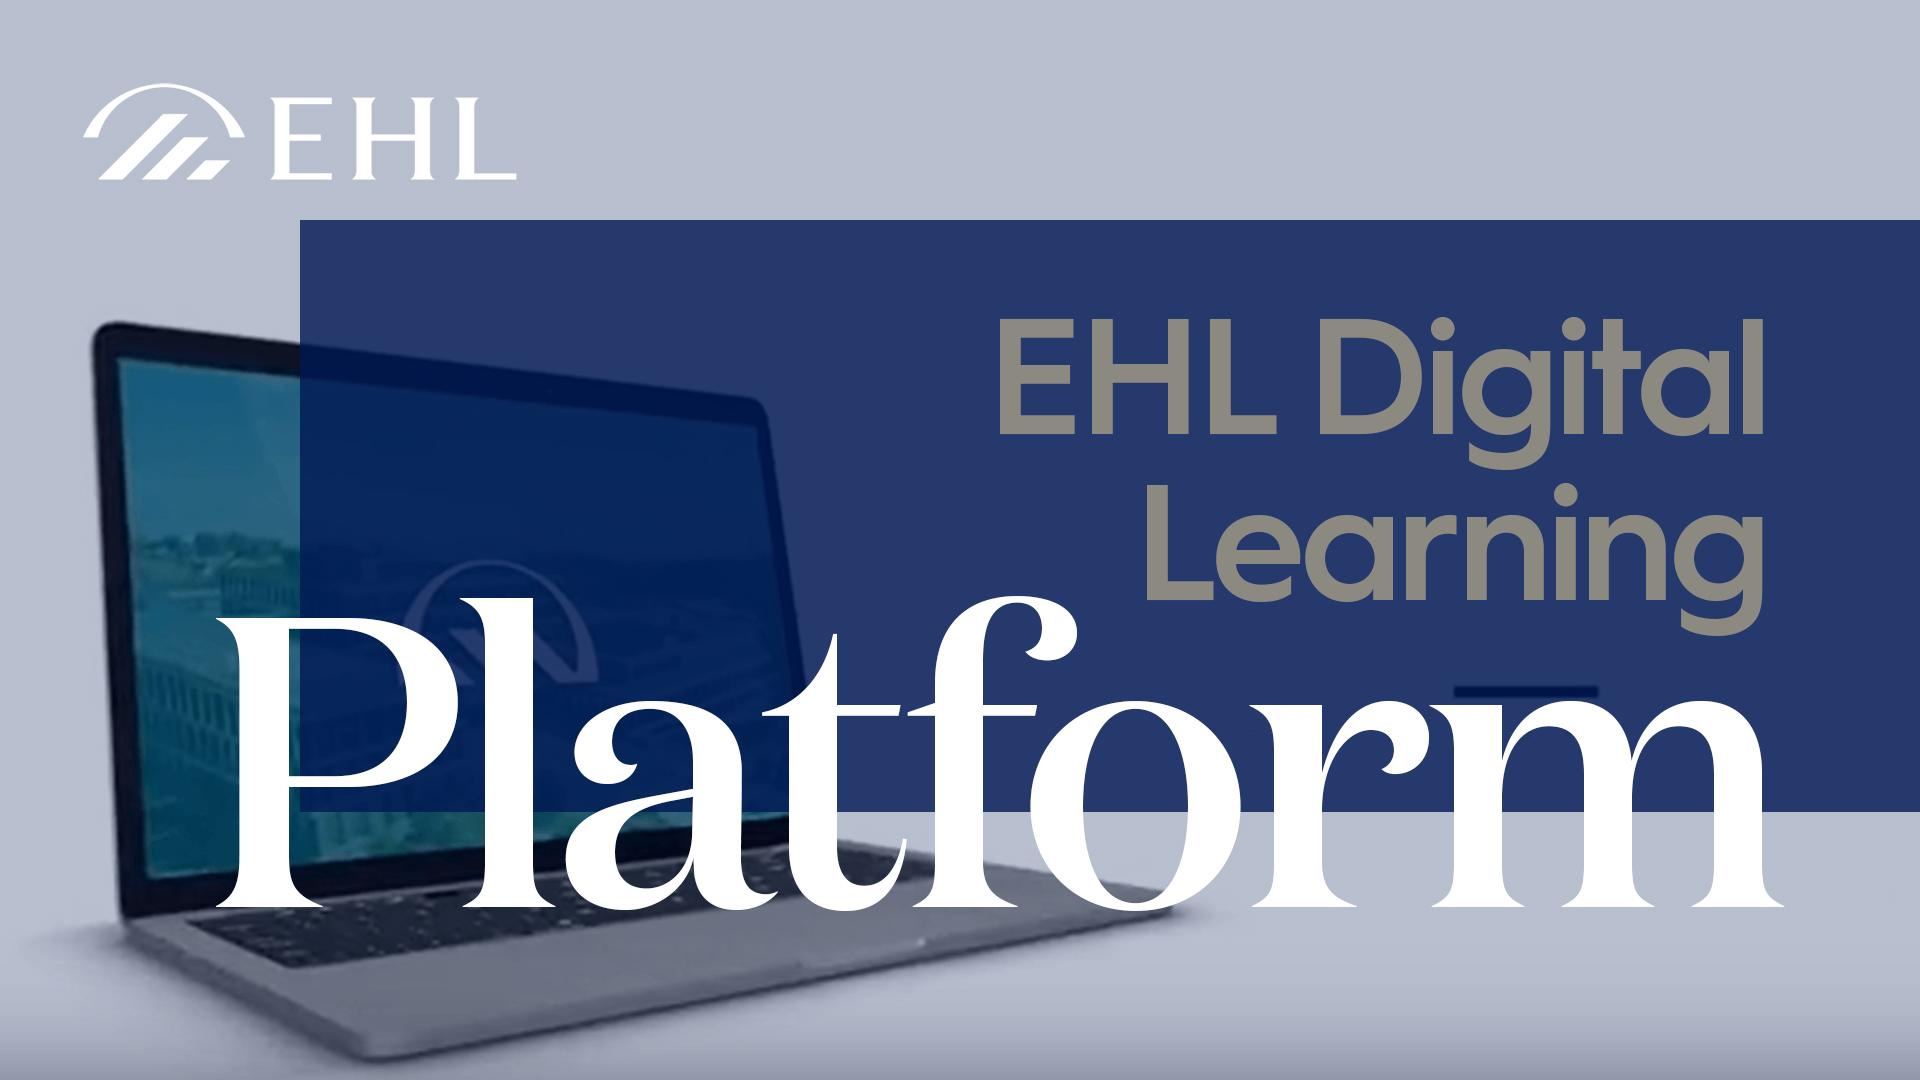 EHL Digital Learning Platform